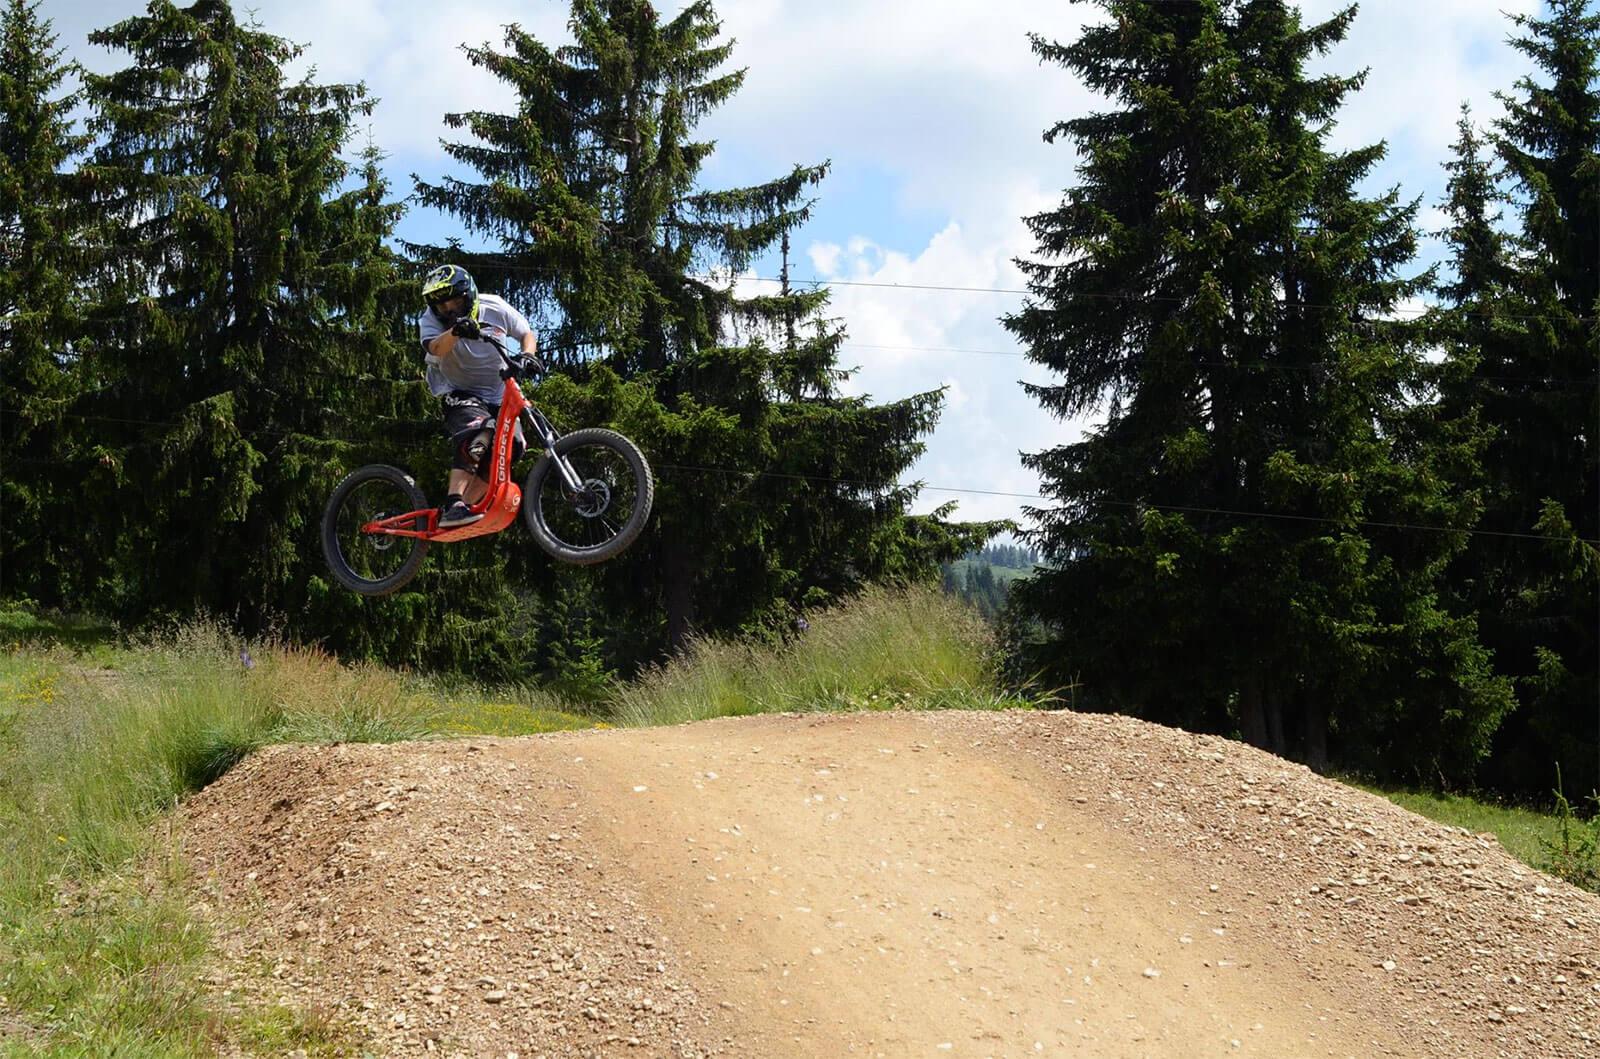 Bike Park Les Gets